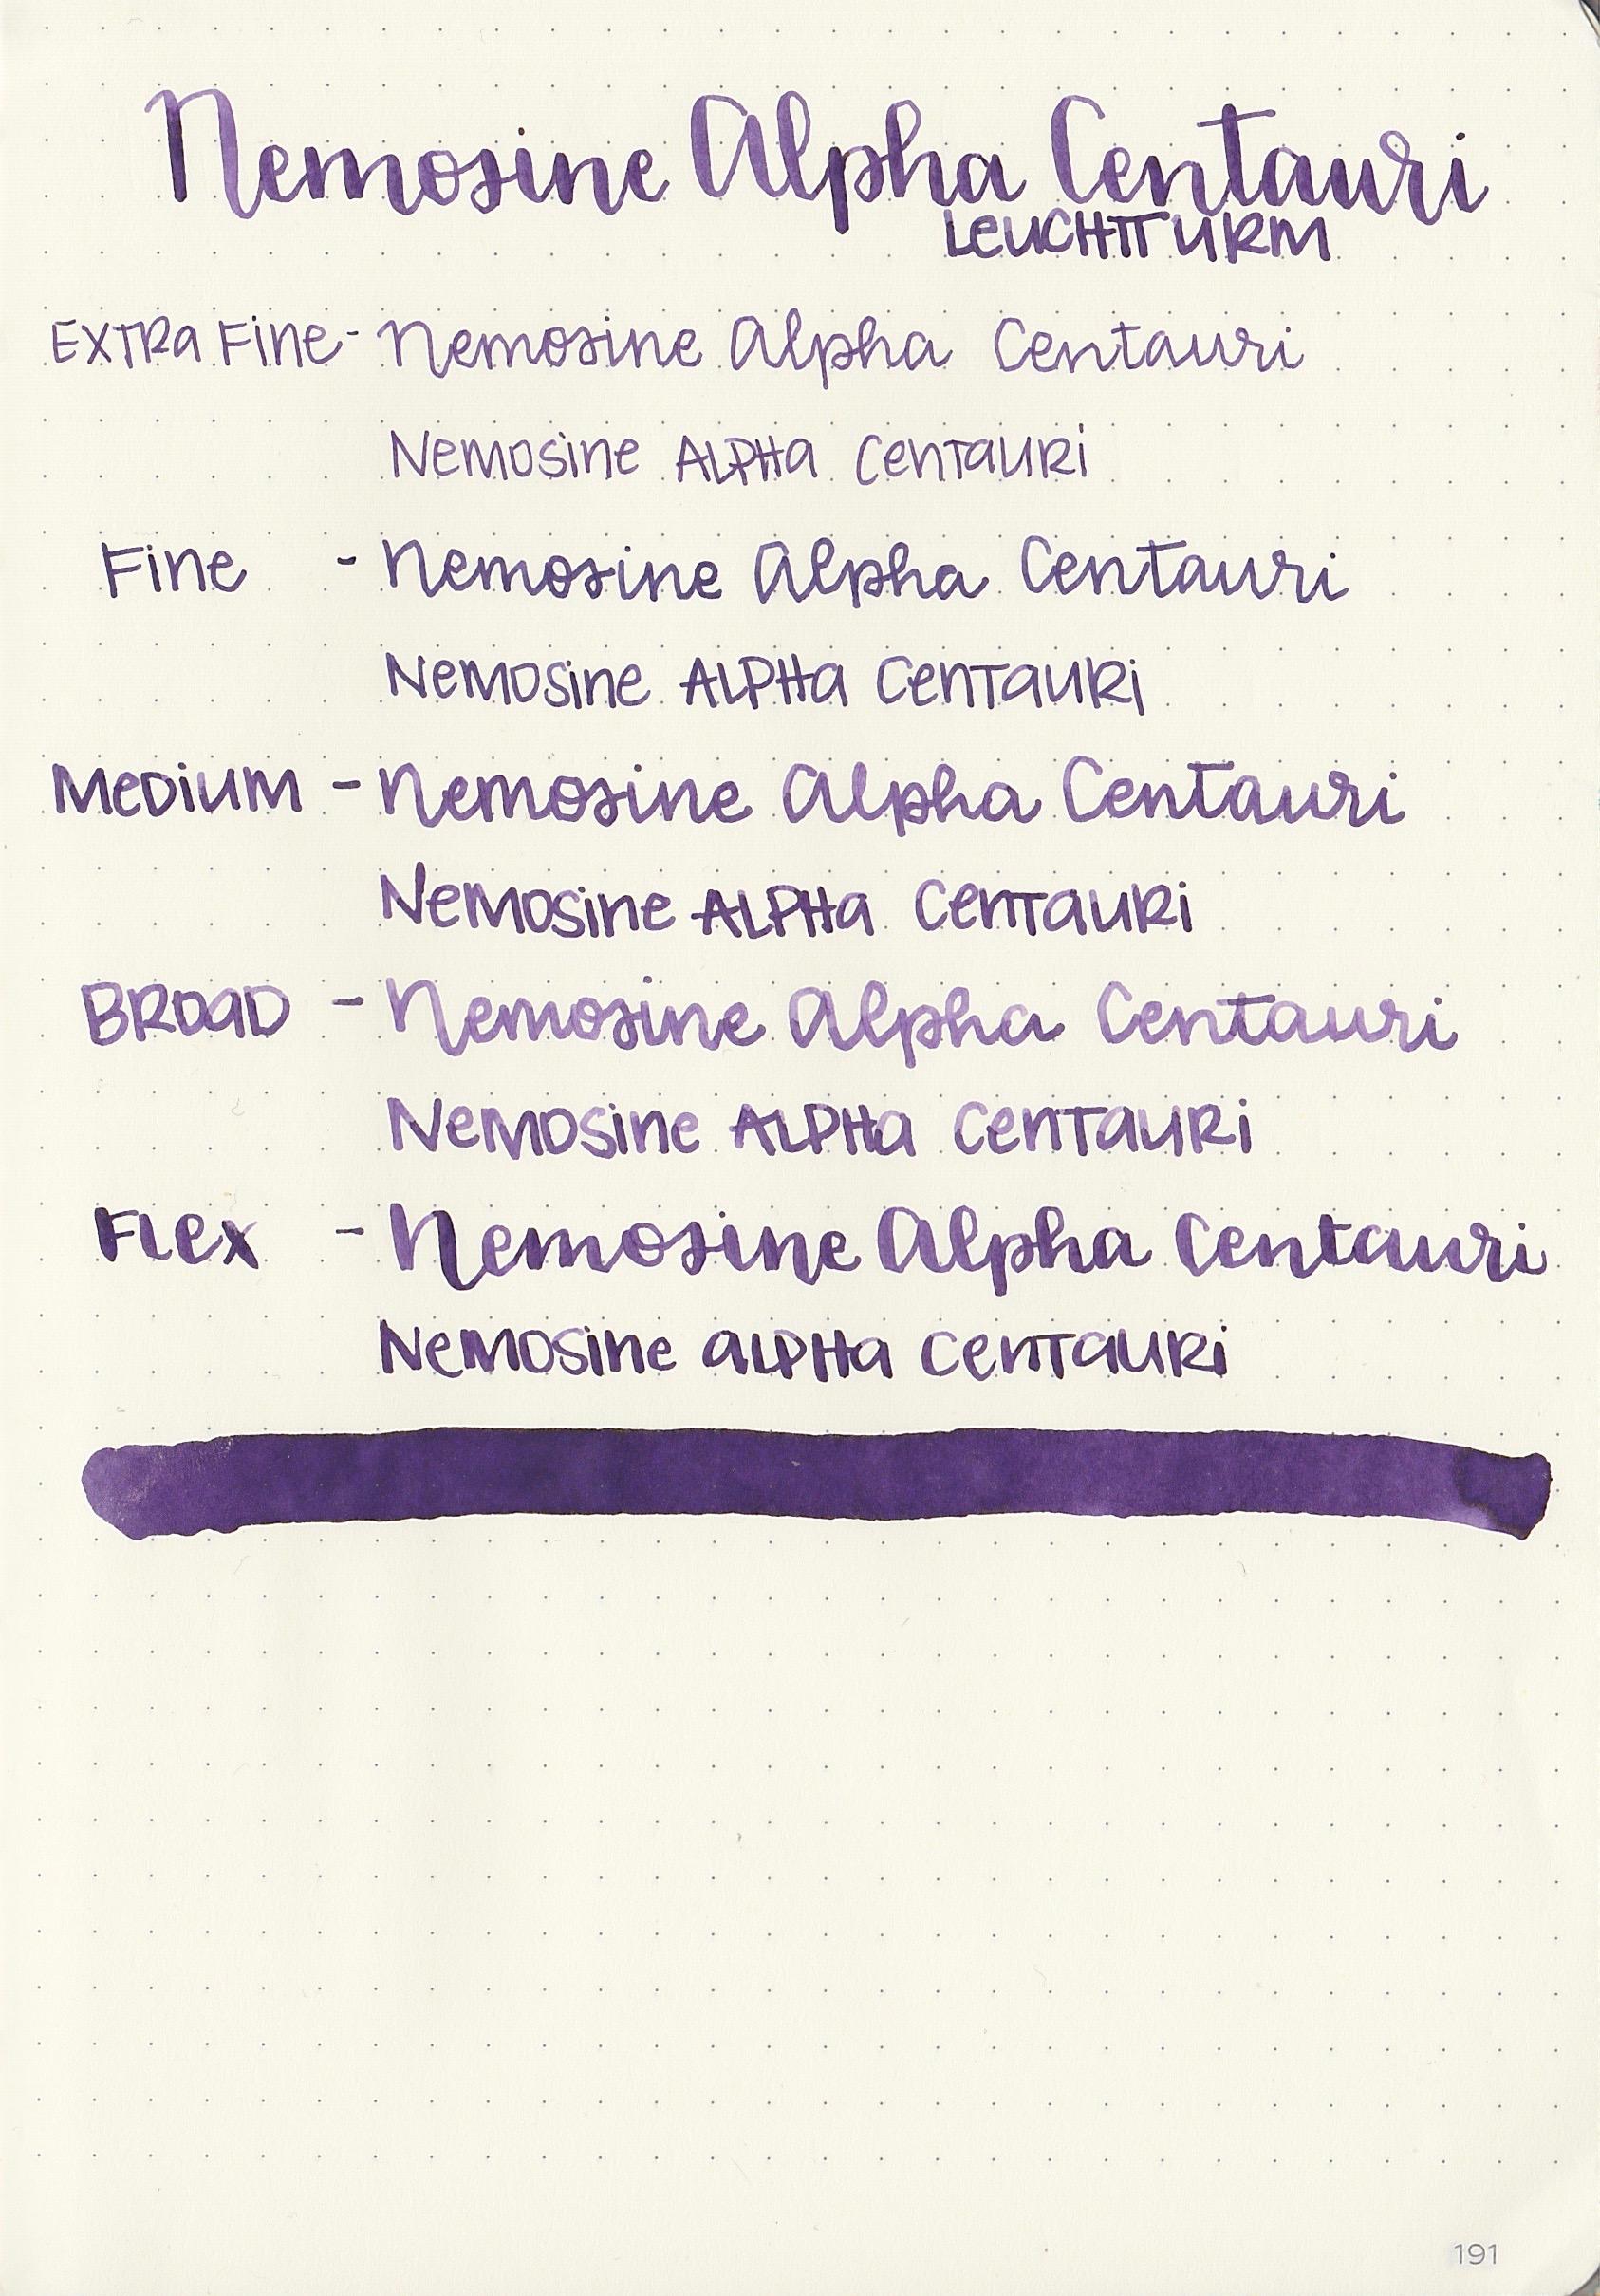 NemoAlphaCentauri - 12.jpg